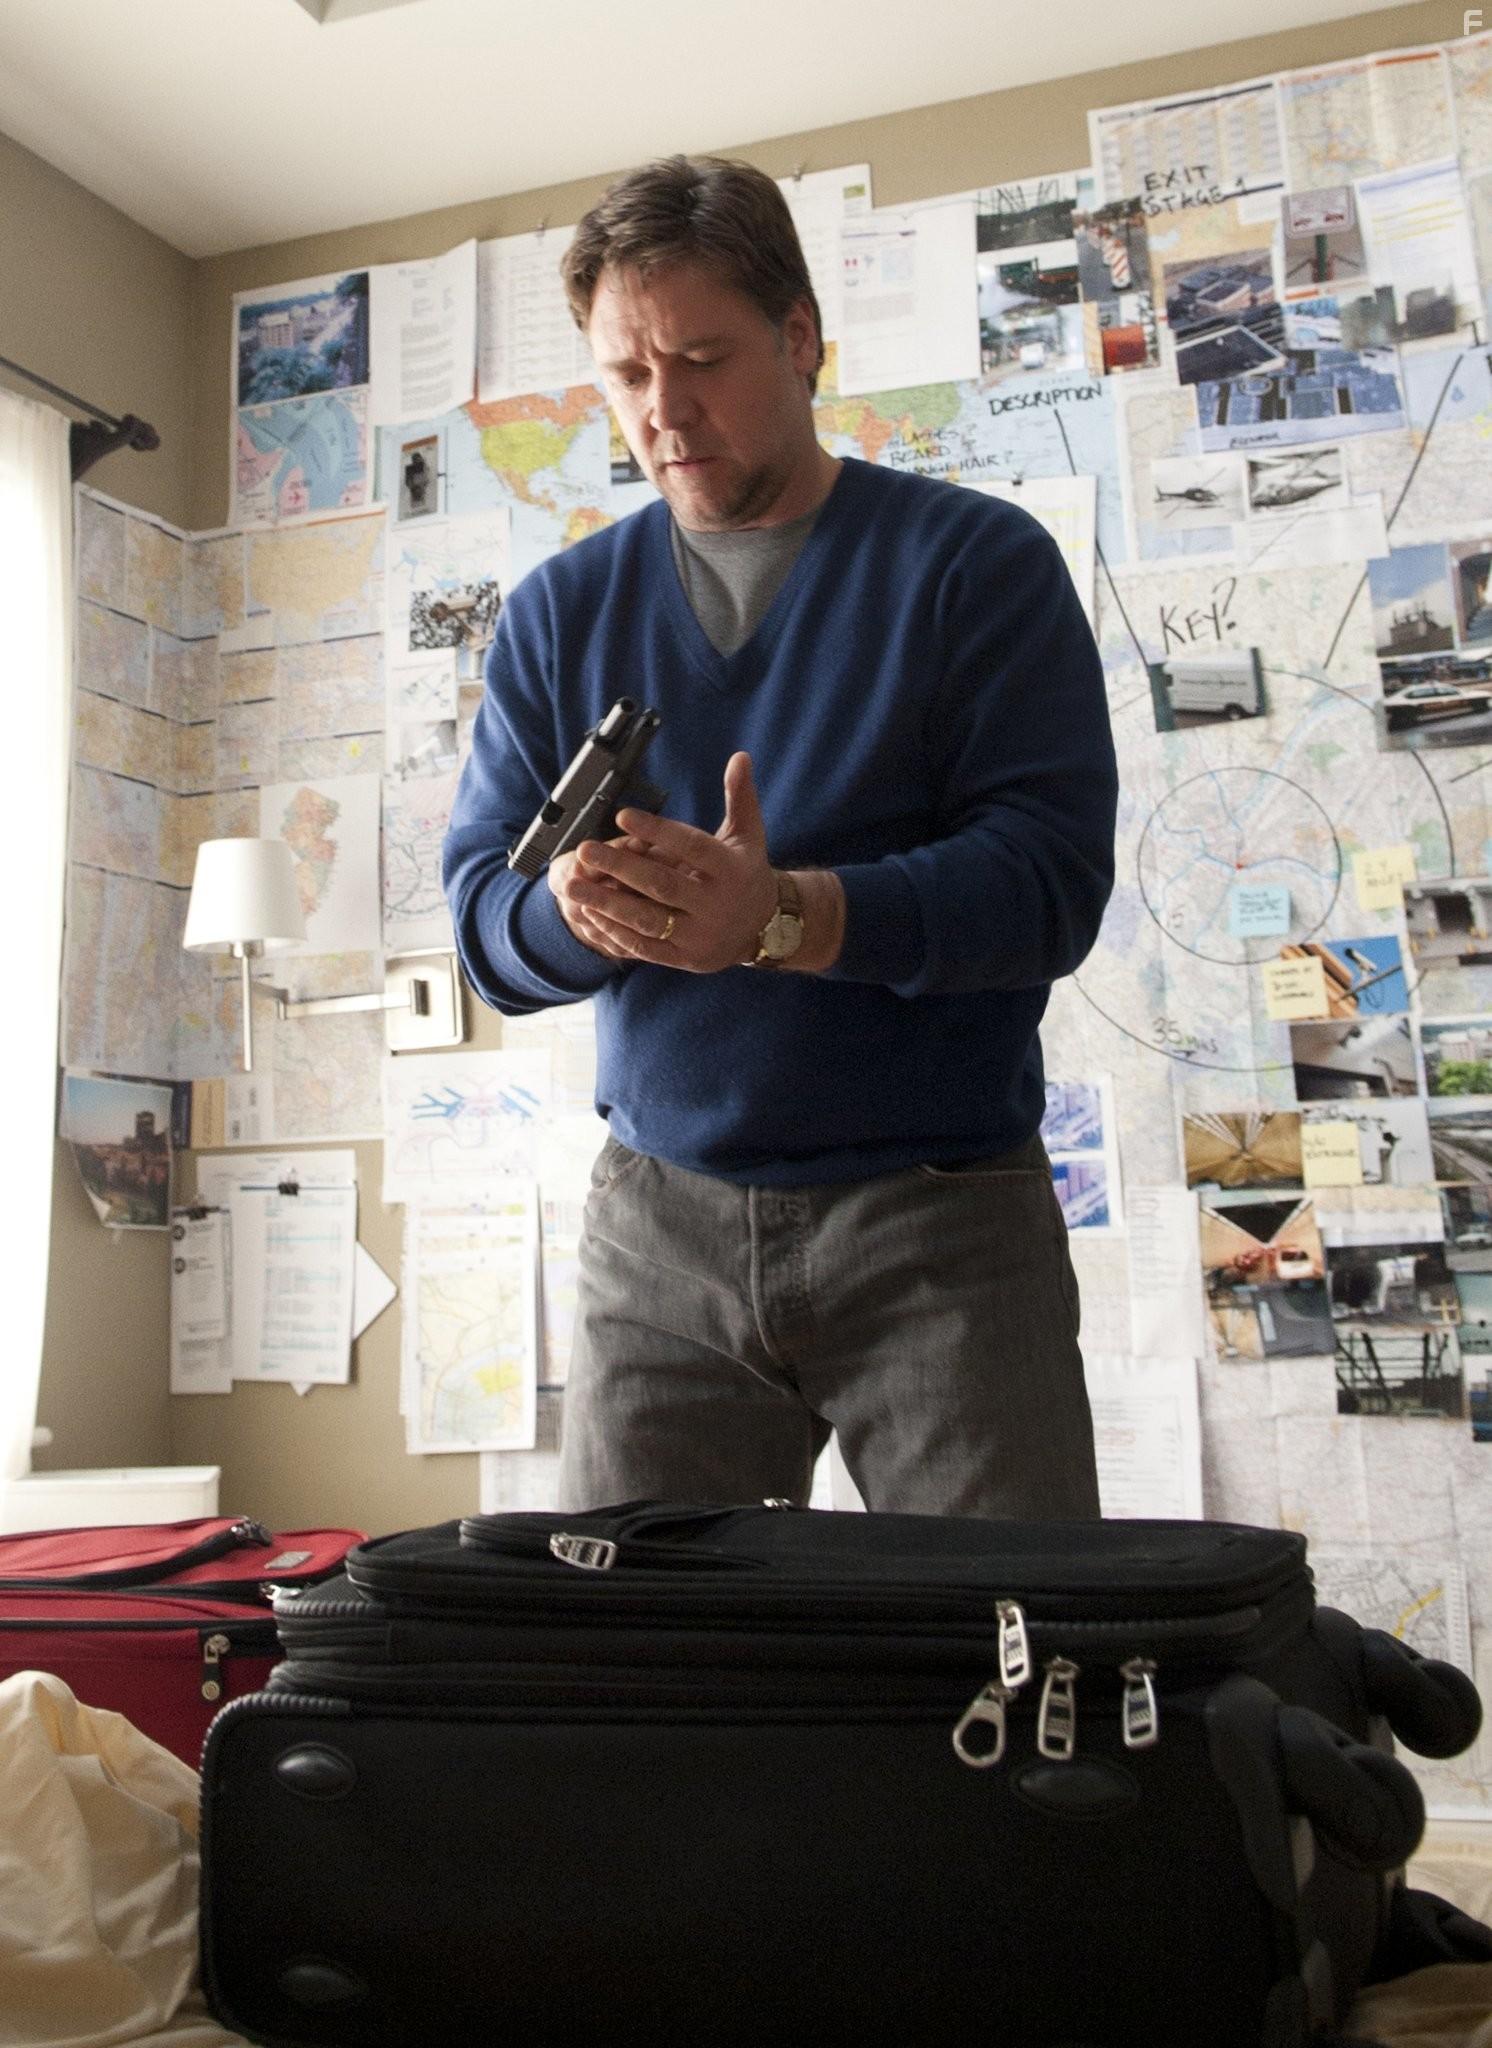 Три Часа на Побег 2010 скачать торрент в Хорошем Качестве